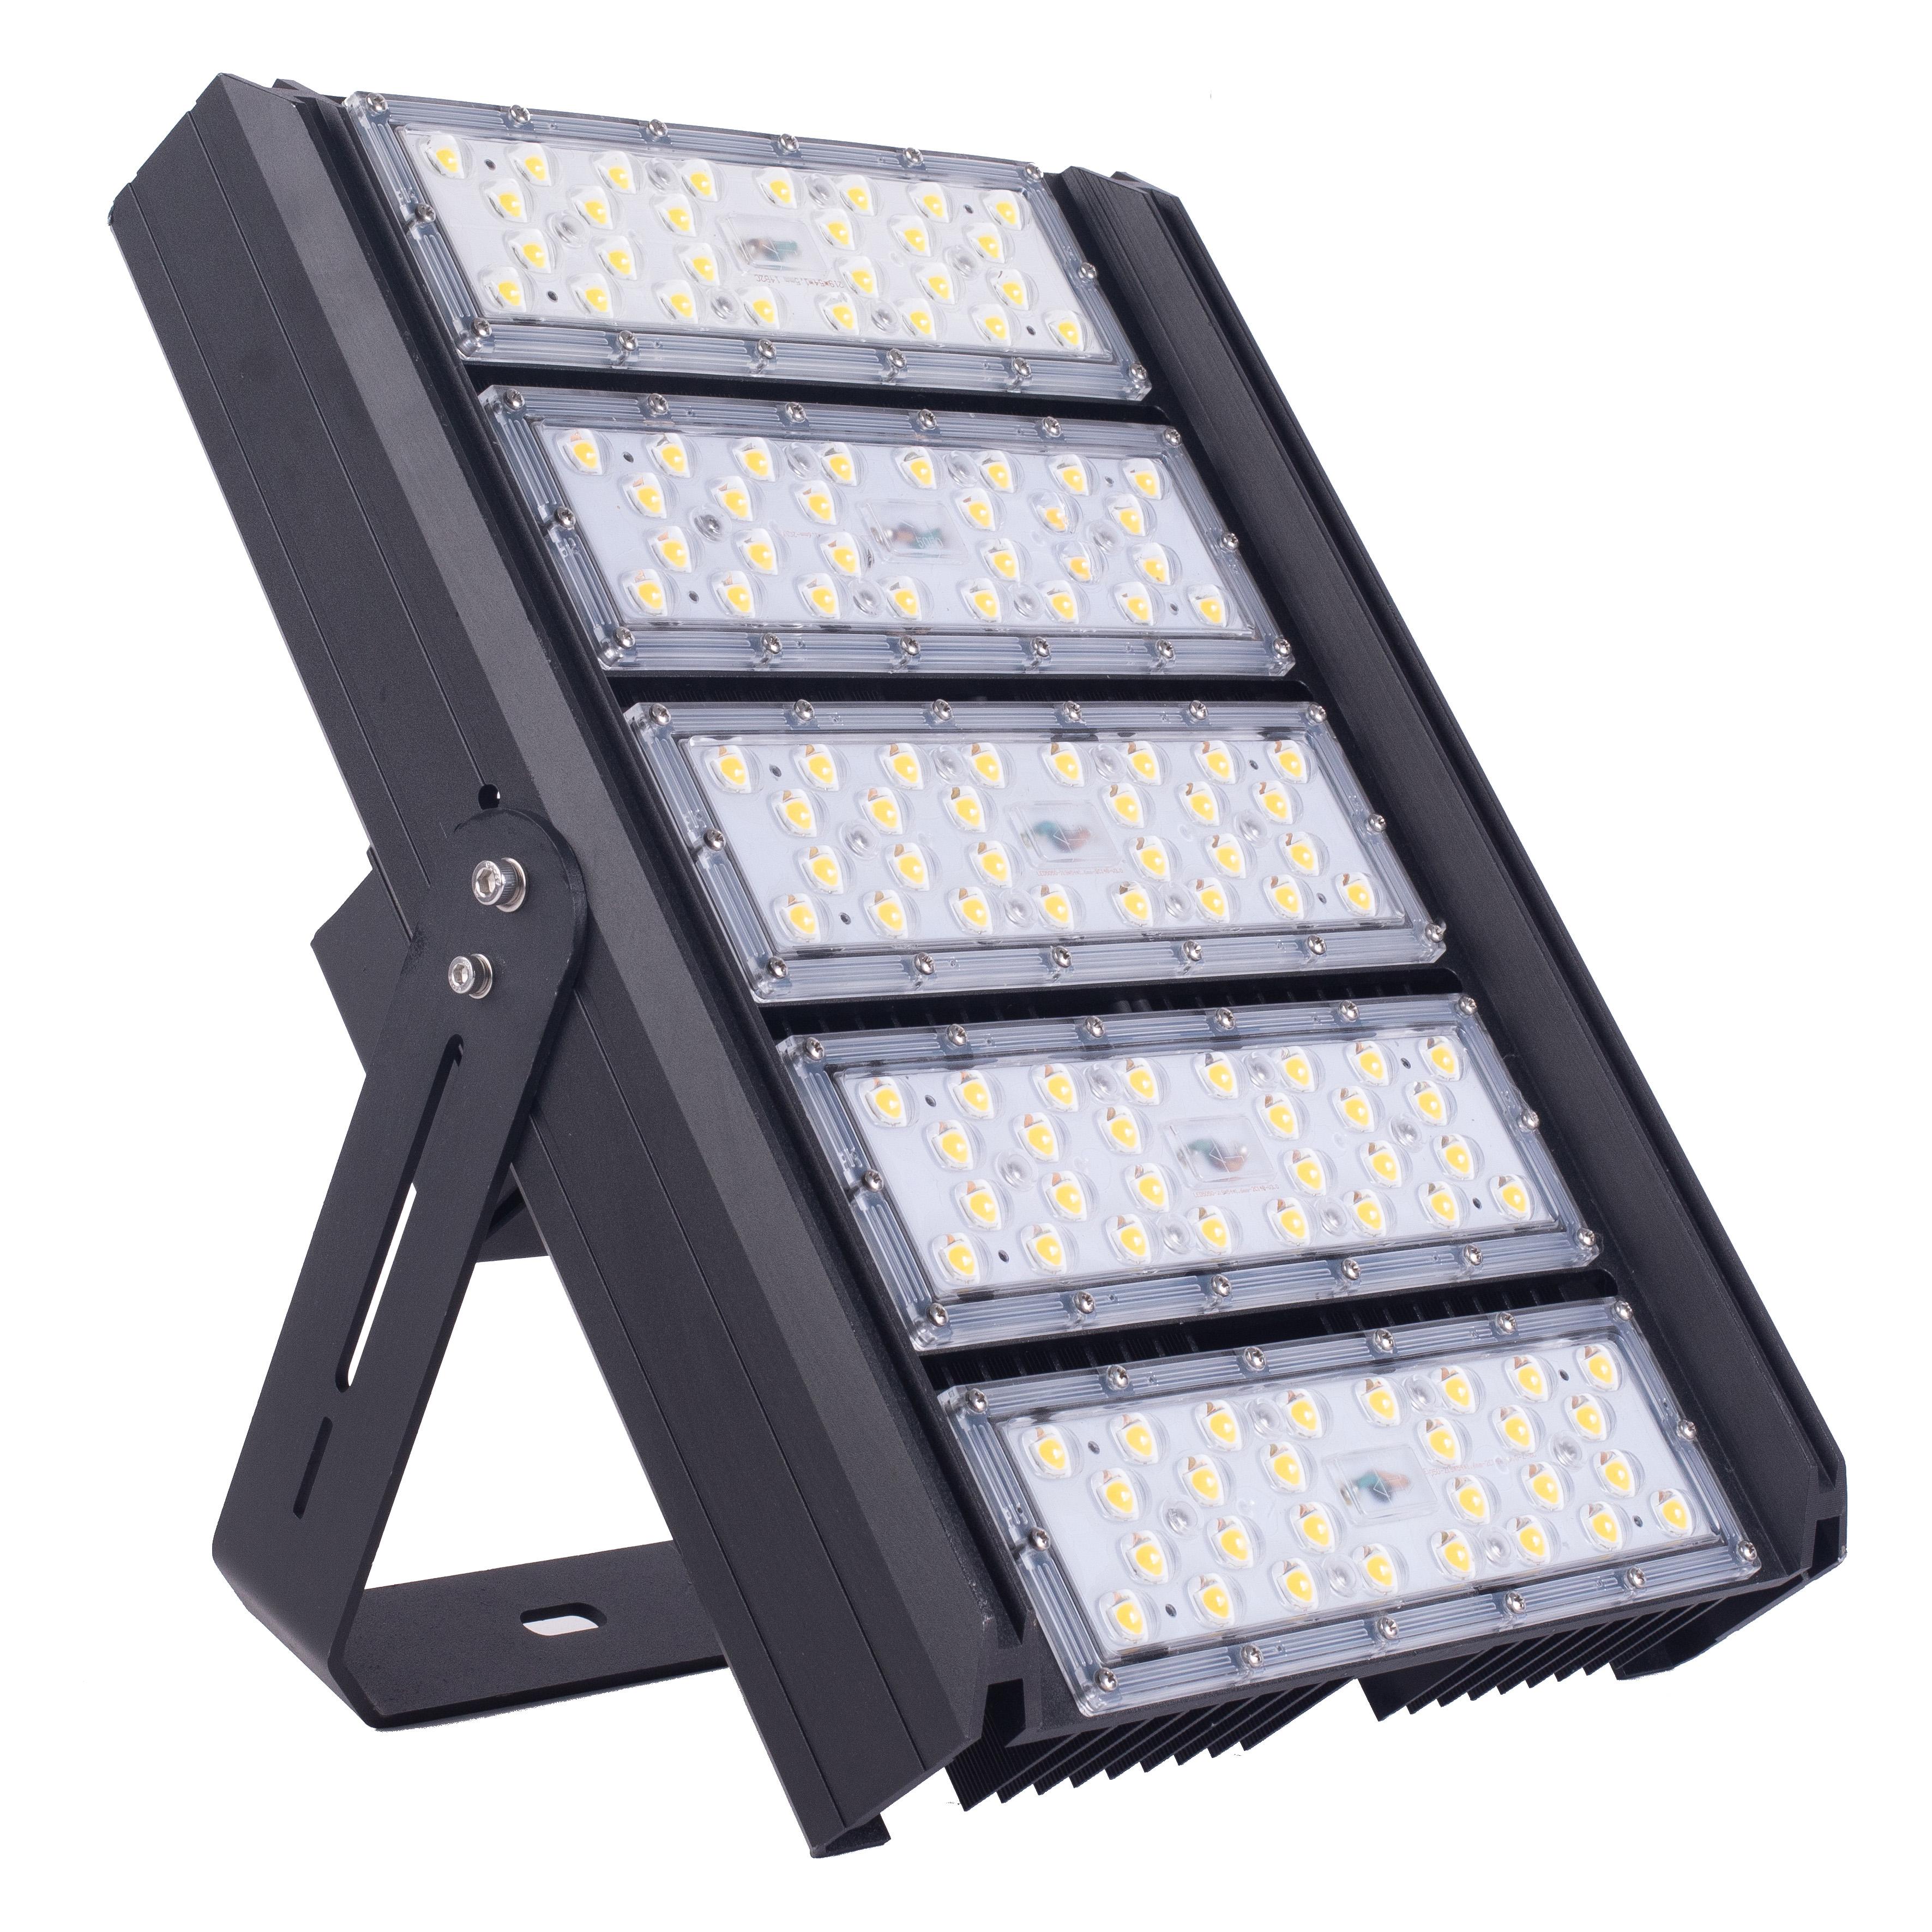 Low maintenance cost IP66 waterproof 5050 400W LED flood light JYT11 high light efficiency 130 lm/w